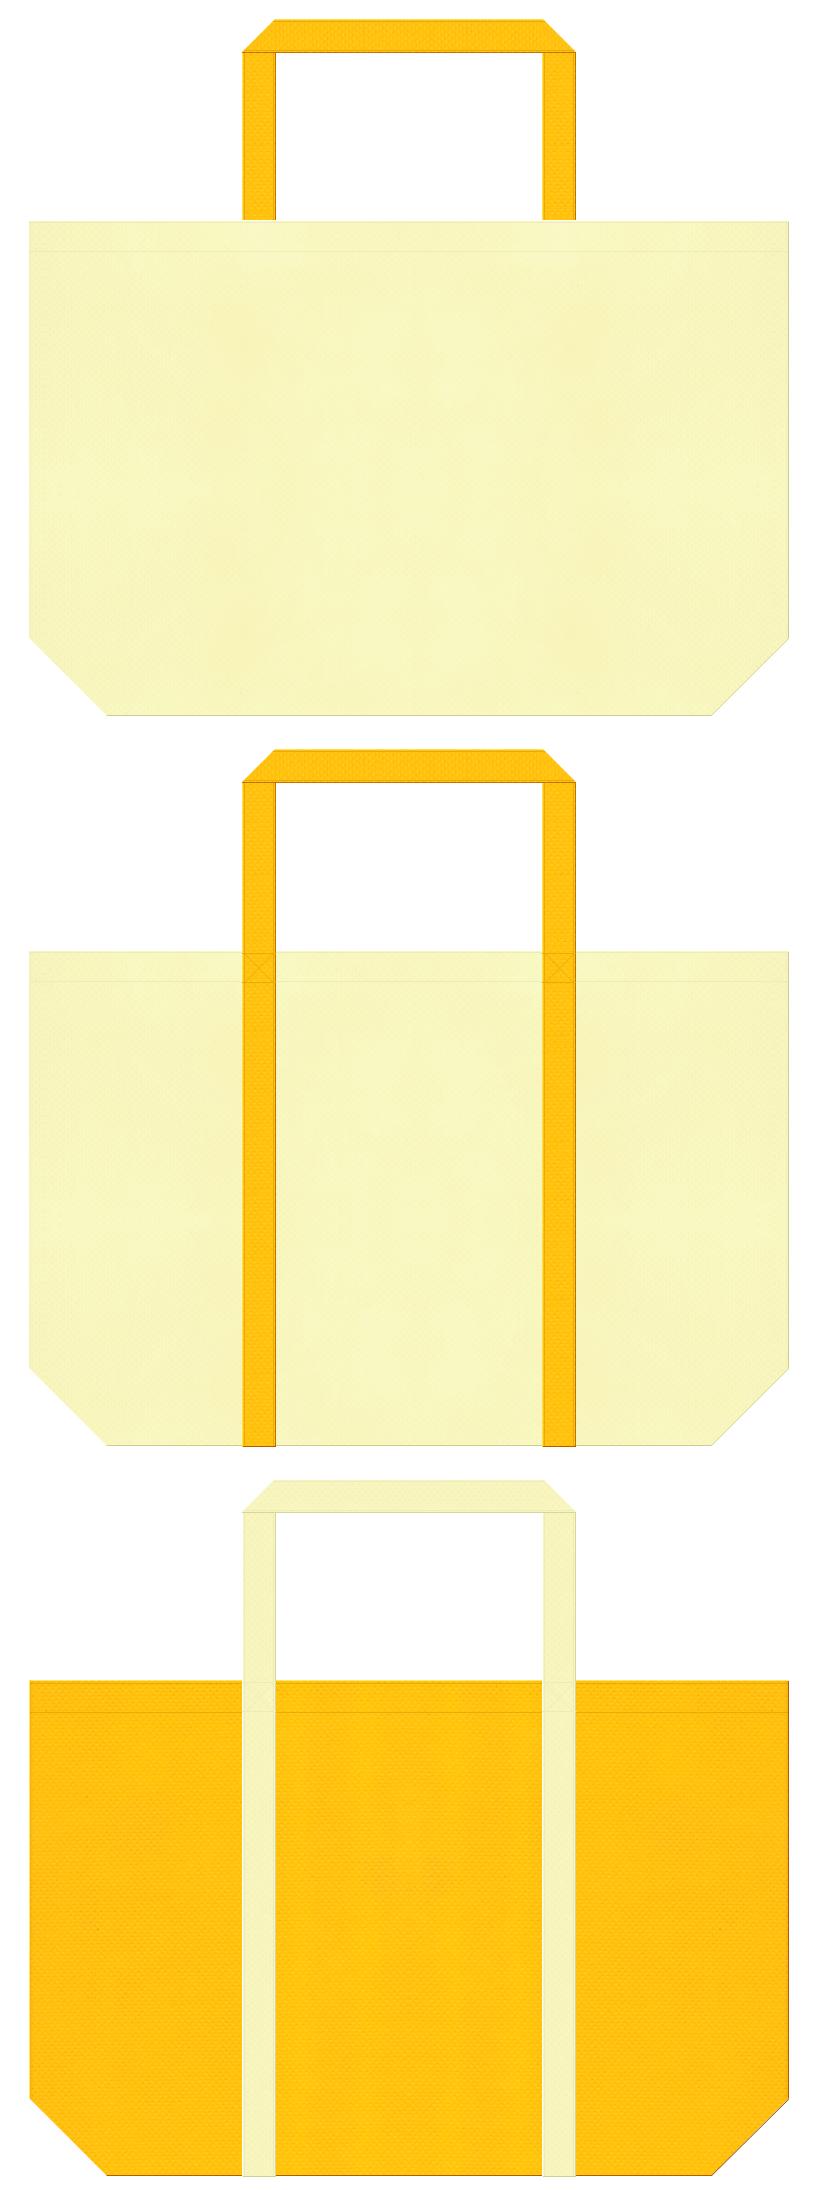 交通安全・通園バッグ・エンジェル・たまご・ひよこ・バター・ポテト・コーンスープ・レモン・バナナ・グレープフルーツ・ビタミン・菜の花・テーマパークにお奨めの不織布バッグデザイン:薄黄色と黄色のコーデ